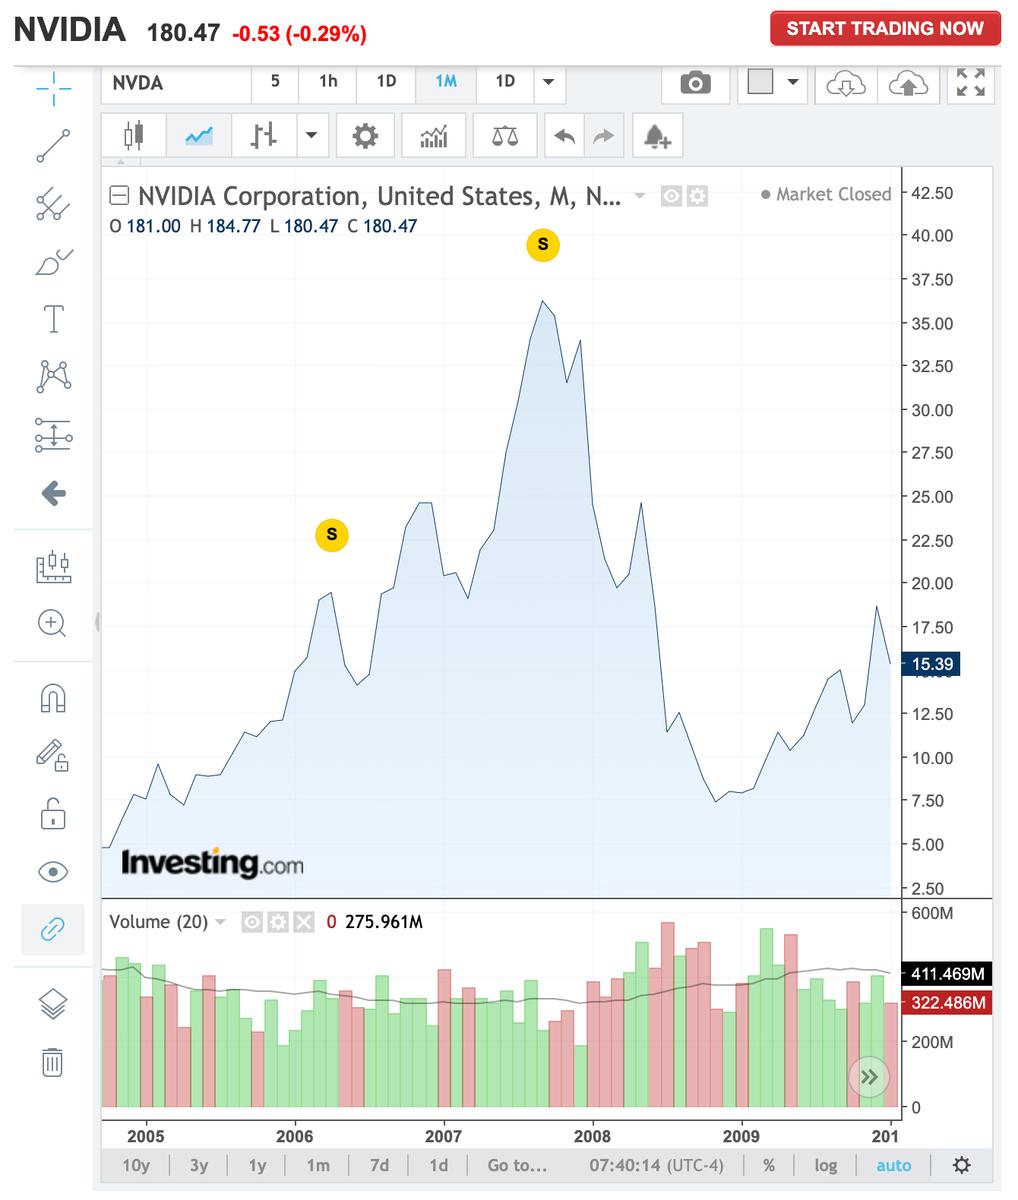 この画像はNVDAの2006年頃の株価推移を表示しています。